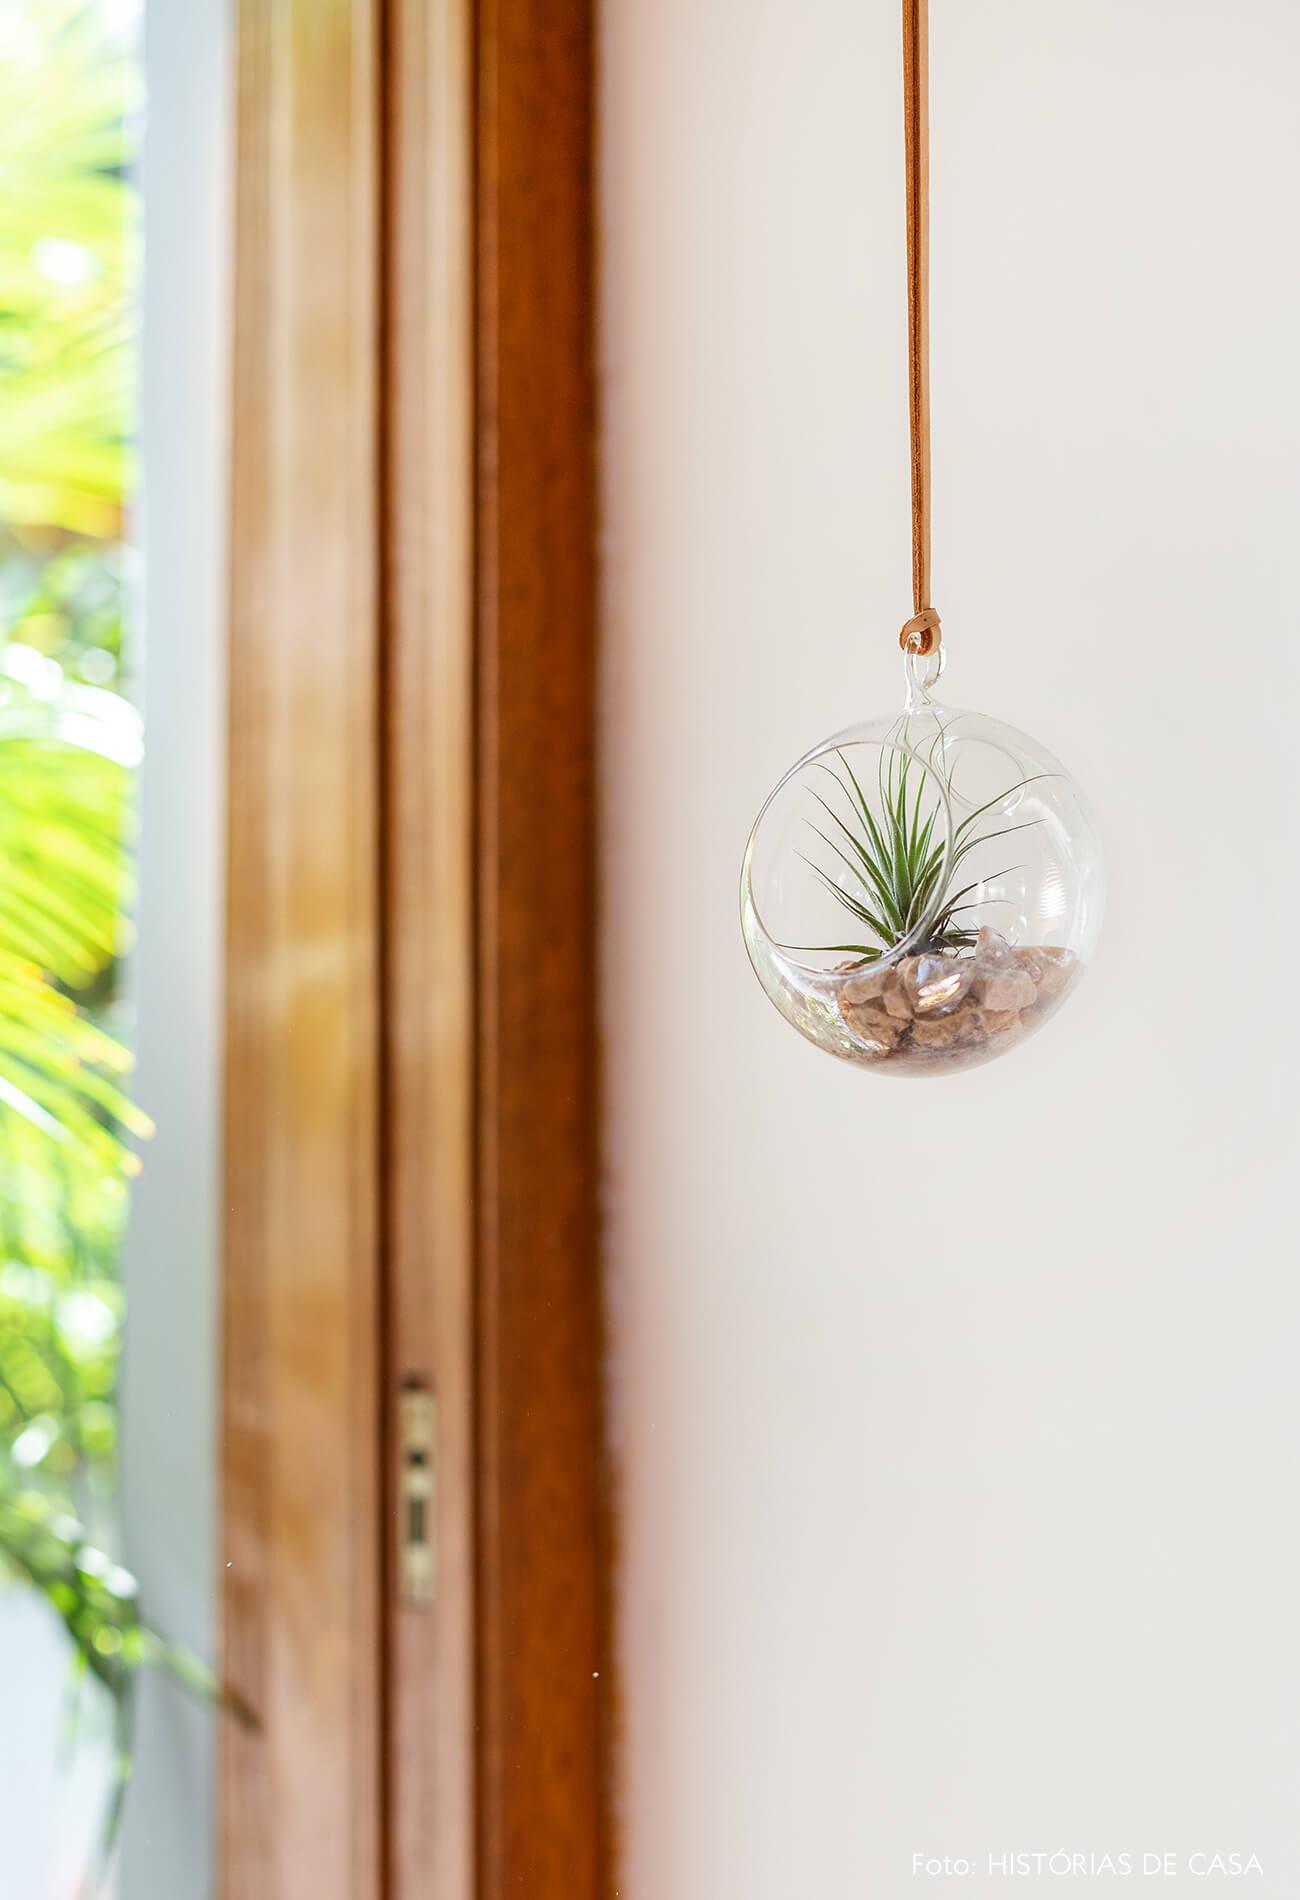 Janelas de madeira e terrário de vidro com airplant